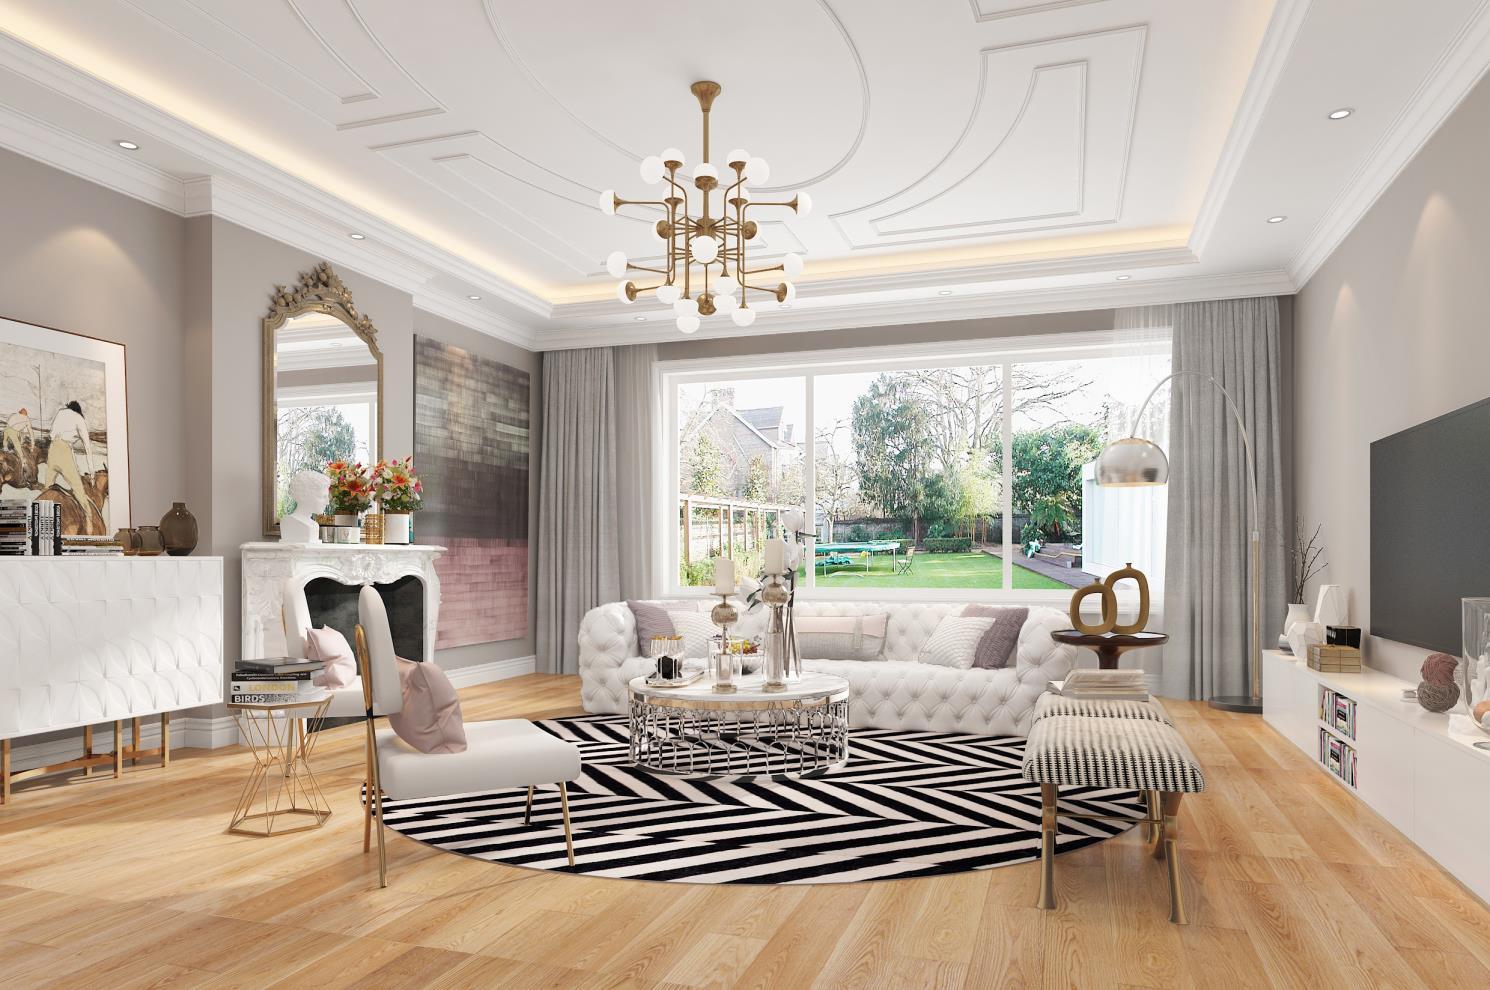 客厅图片来自申远空间设计北京分公司在北京申远空间设计-欧式风格的分享